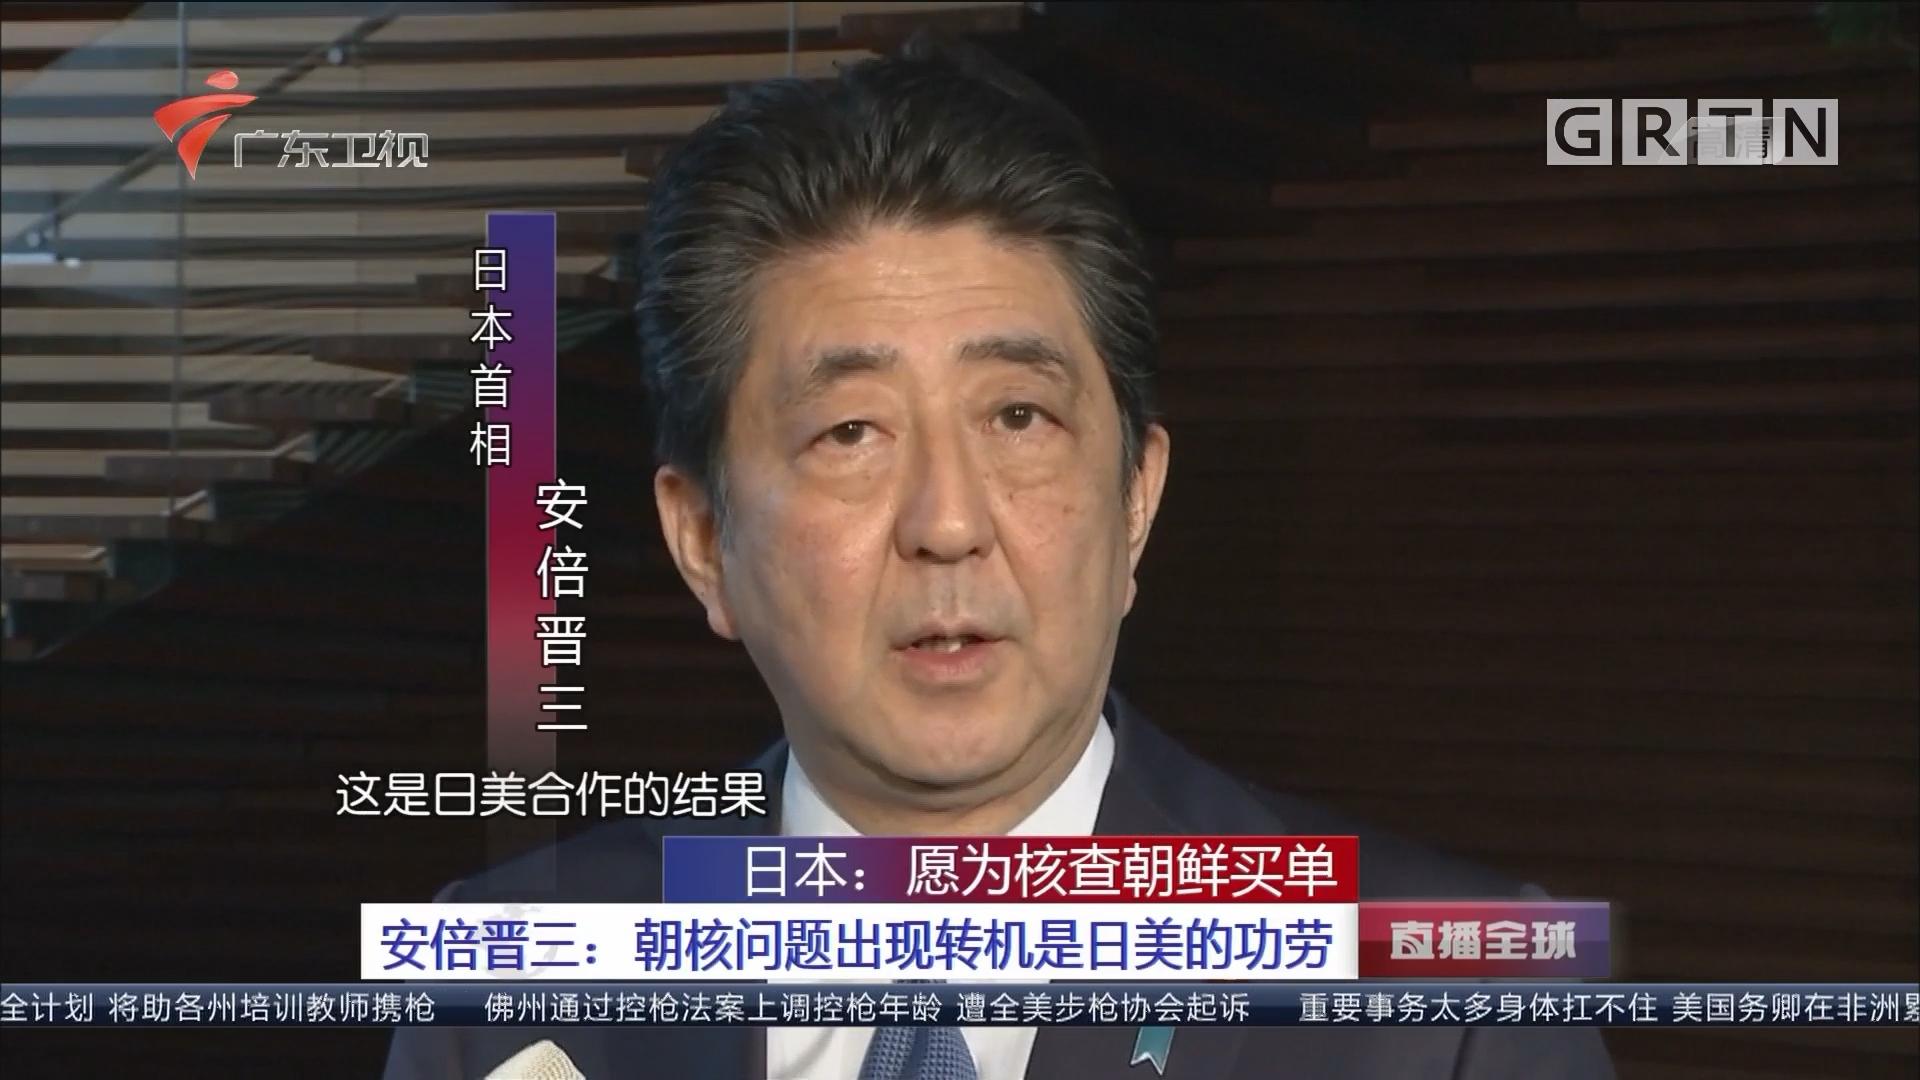 日本:愿为核查朝鲜买单 安倍晋三:朝核问题出现转机是日美的功劳